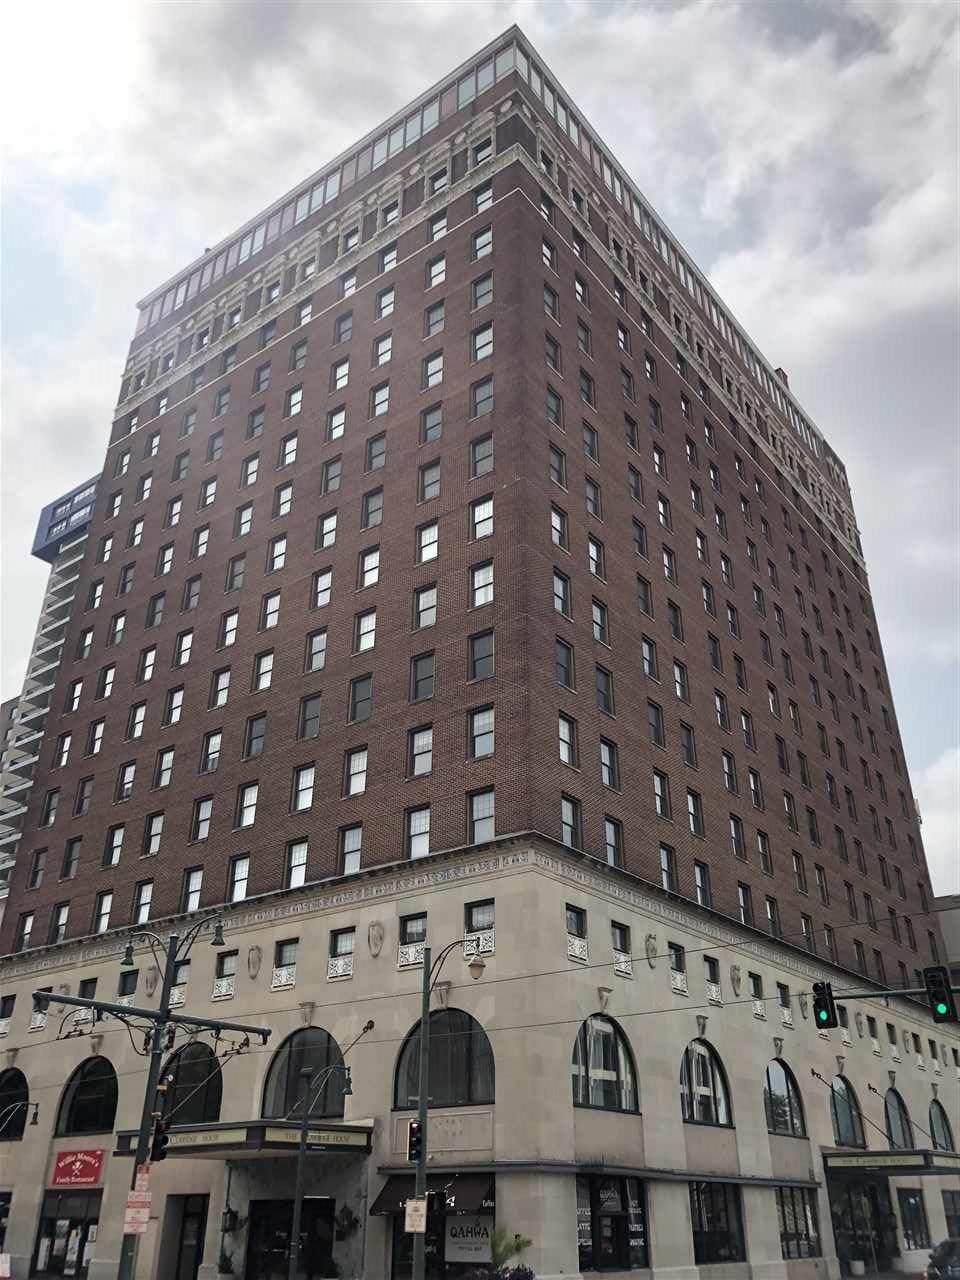 109 Main Ave - Photo 1